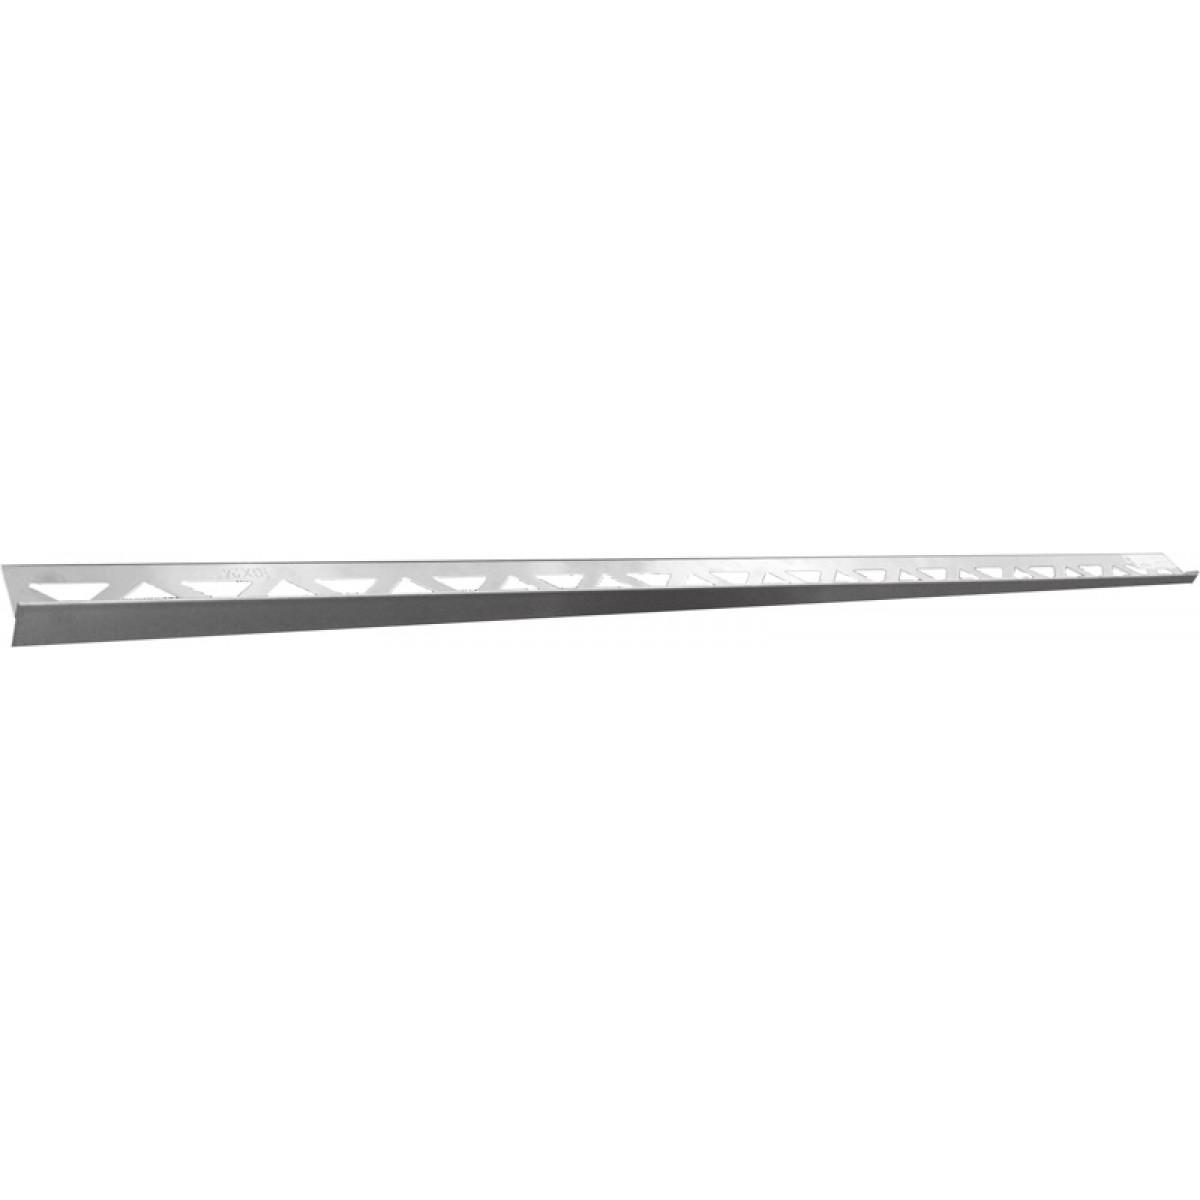 Edelstahl-Duschprofil mit Gefälle RECHTS FE-DP 200-12-40  - 12,5 mm/ 200 cm Länge